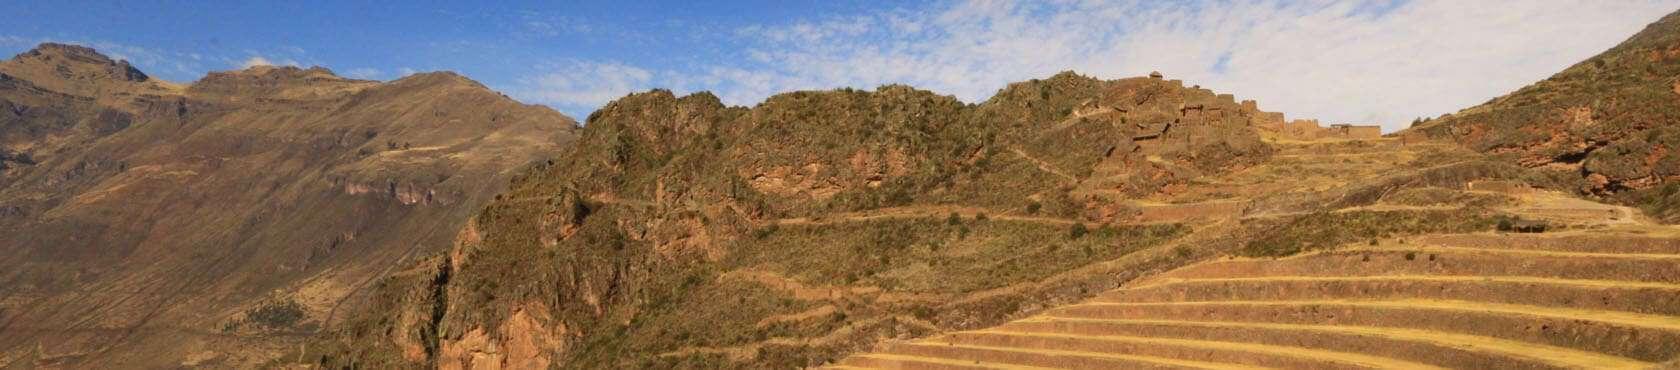 Pisaq war zur Zeit der Inkas ein wichtiges spirituelles Zentrum, in dem Inka-Priester lebten und in dem Landwirtschaft in den Terrassen betrieben wurde